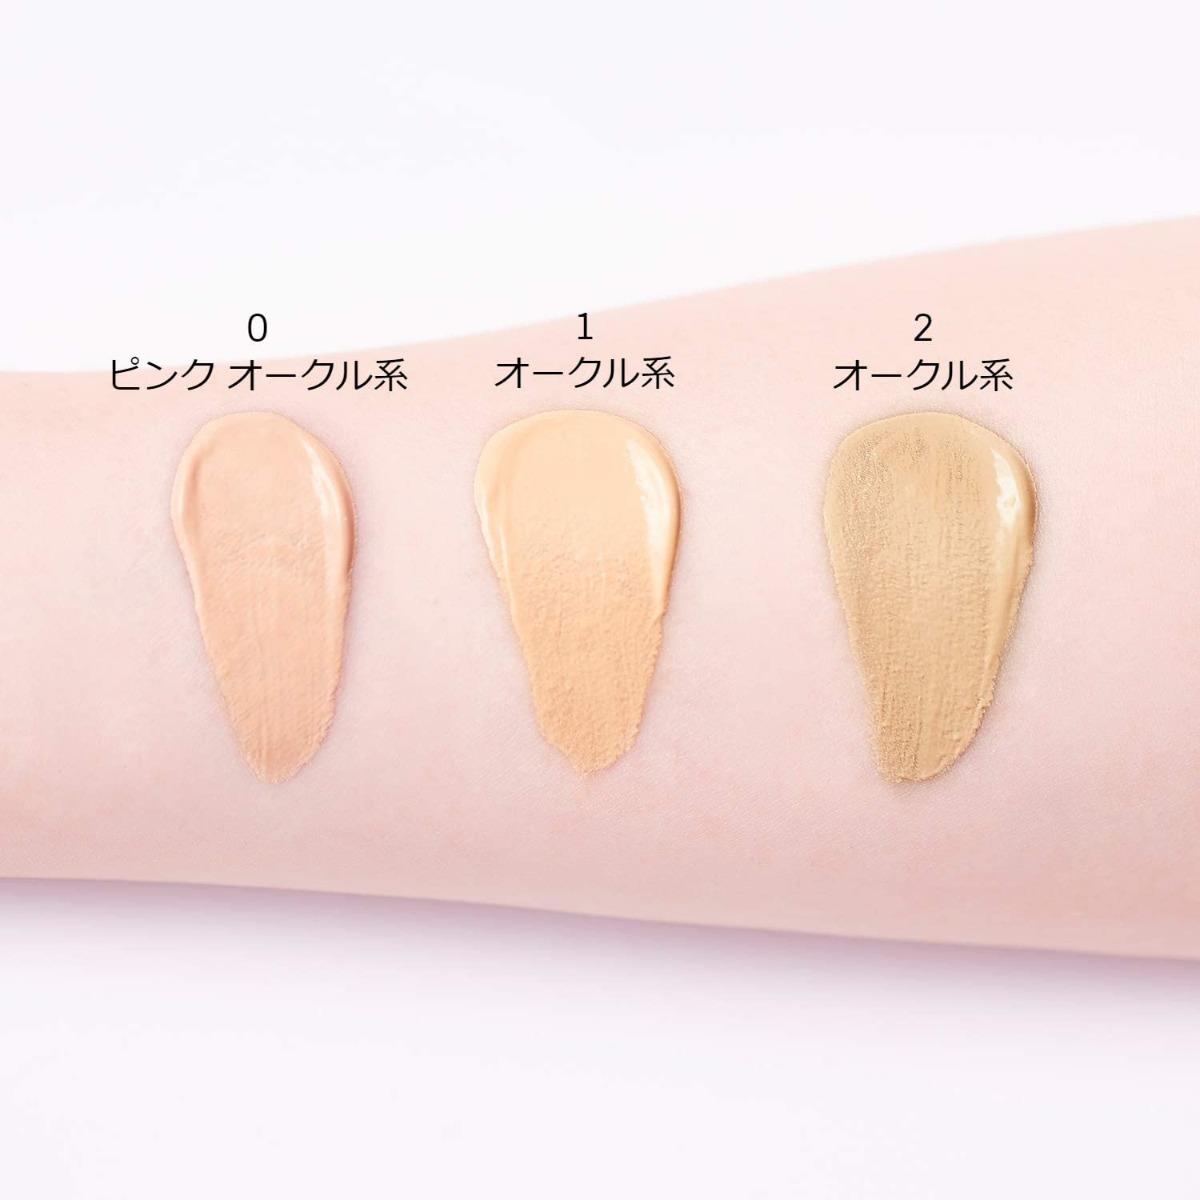 Kem Nền Trang Điểm Chifure BB Cream SPF27 PA++ hiện đã có mặt tại Hasaki với 2 tông màu cho bạn lựa chọn.